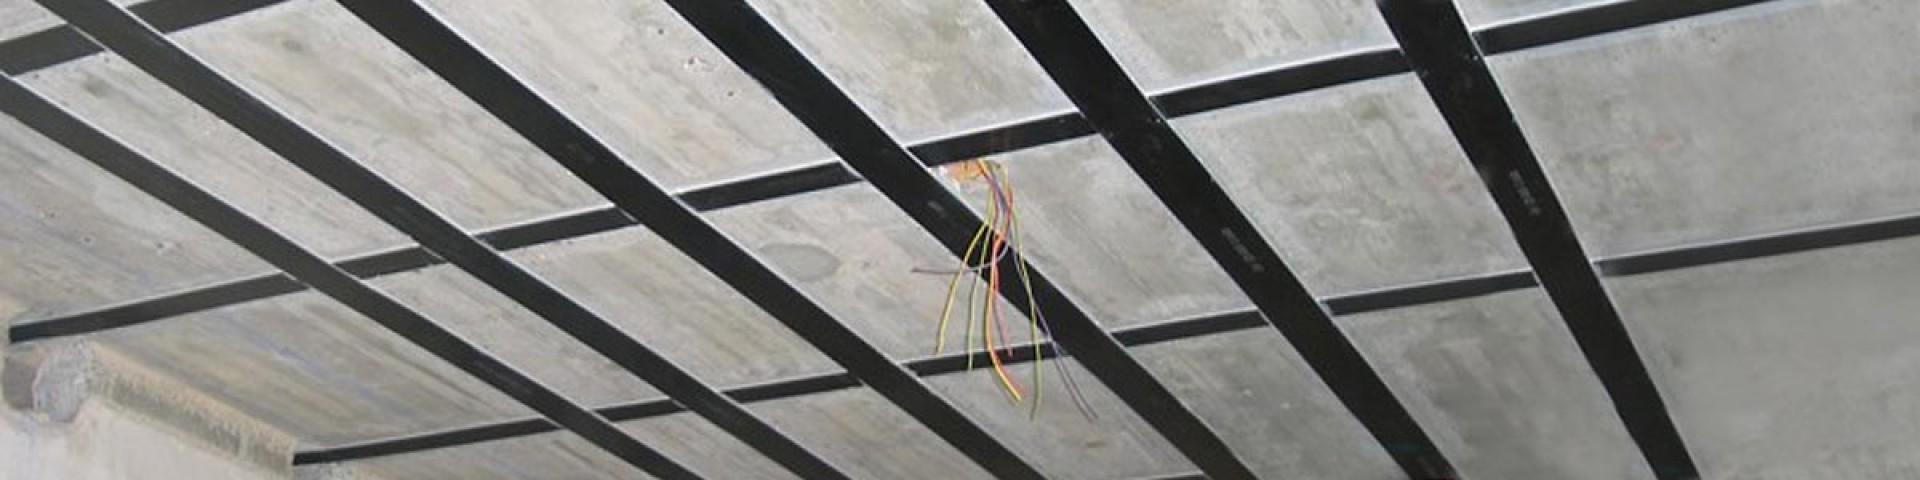 Instandsetzung von Decken mittels CFK Lamellen